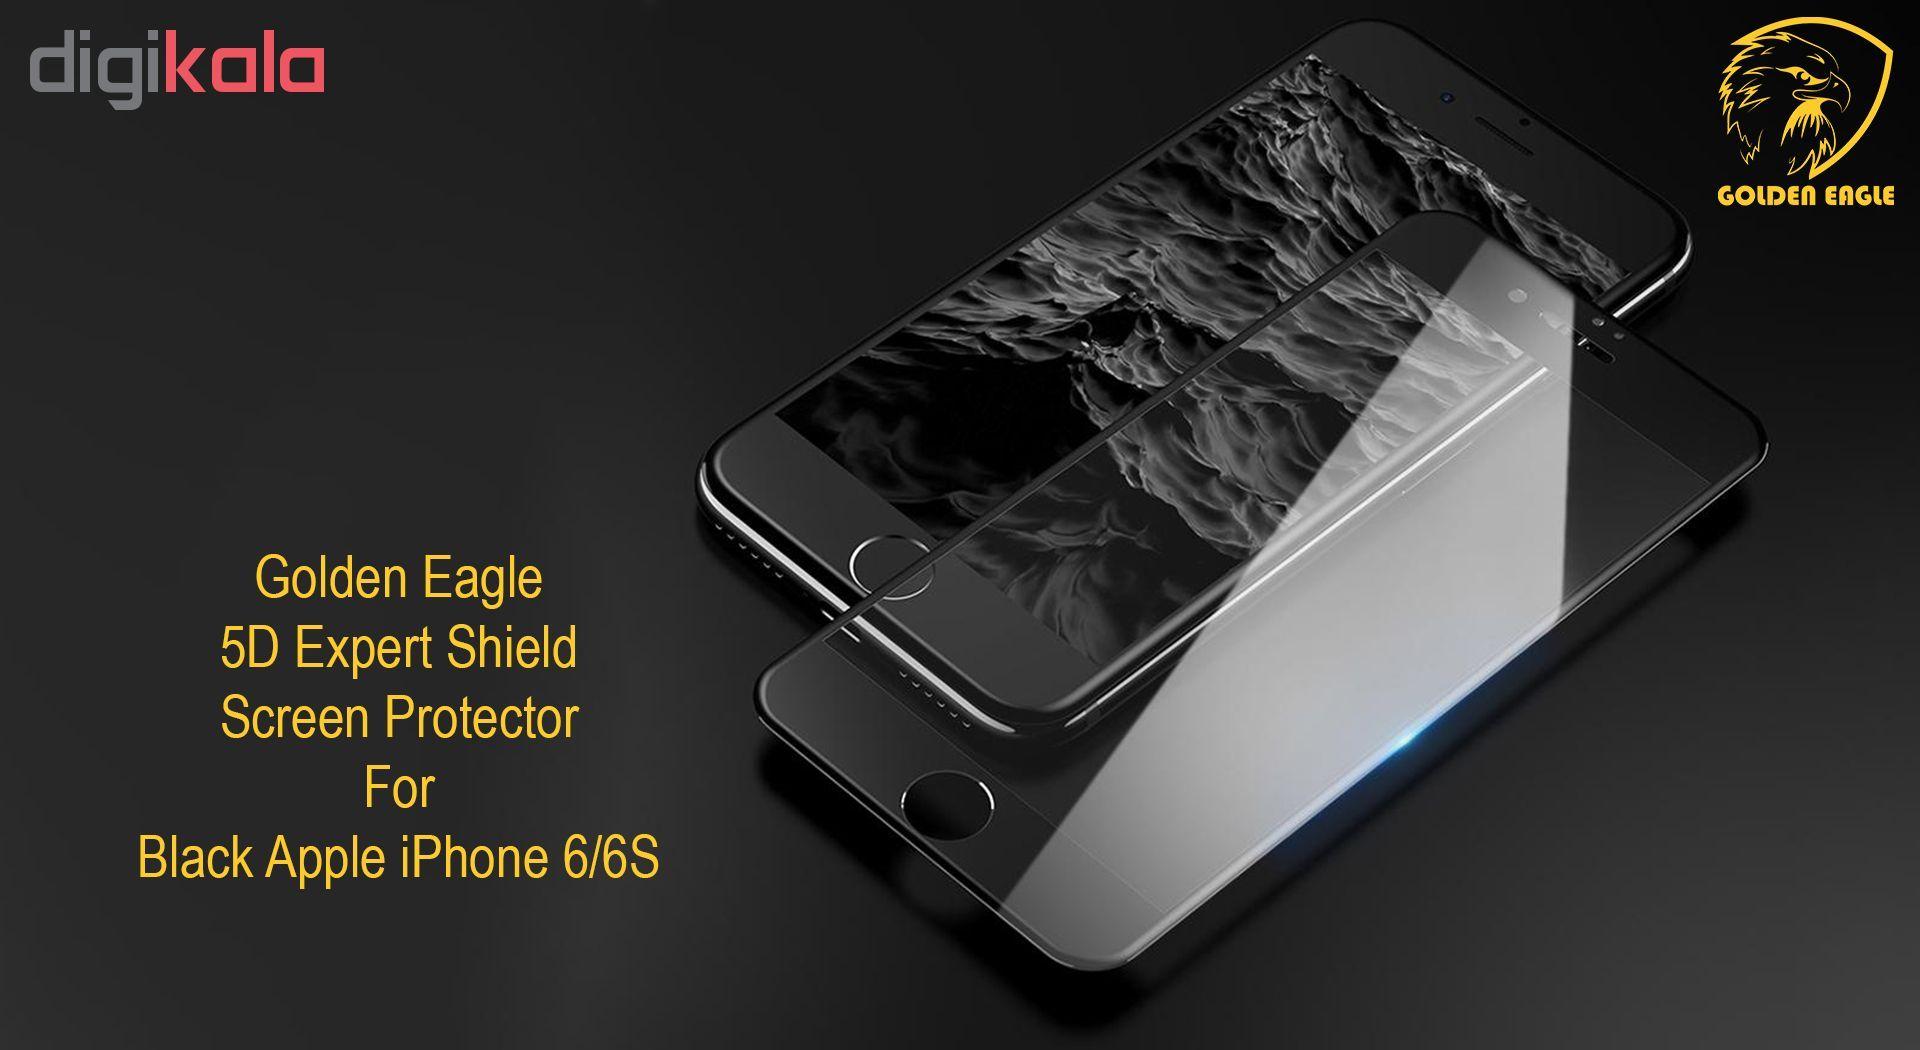 محافظ صفحه نمایش گلدن ایگل مدل 5D Expert Shield مناسب برای گوشی اپل آیفون  6/6S main 1 2